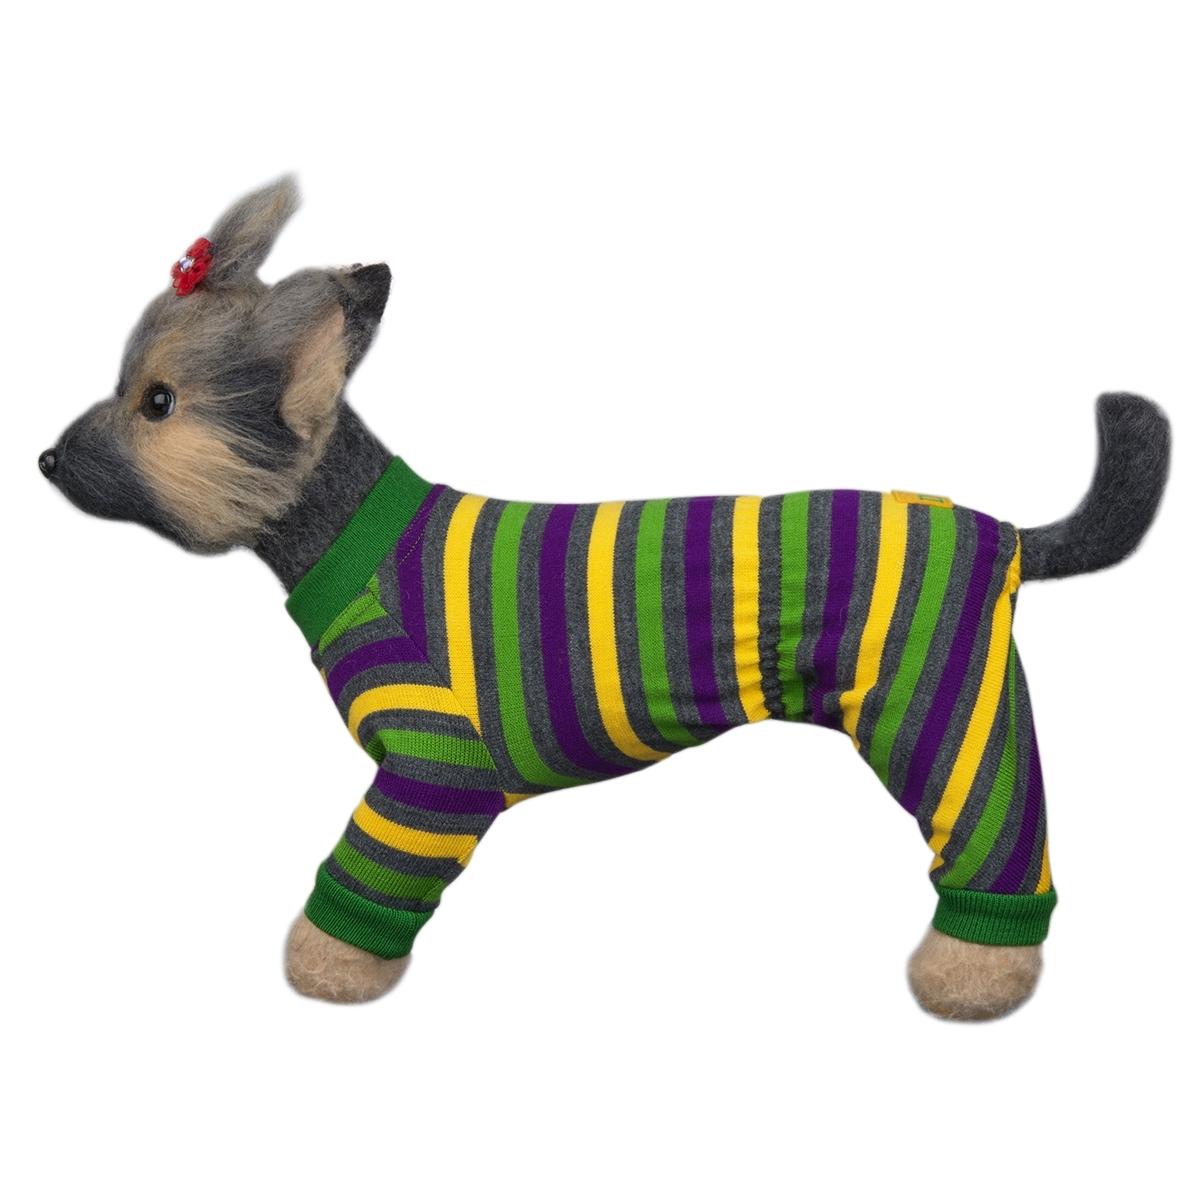 Свитер для собак Dogmoda Досуг, унисекс, цвет: зеленый, черный, желтый. Размер 4 (XL)